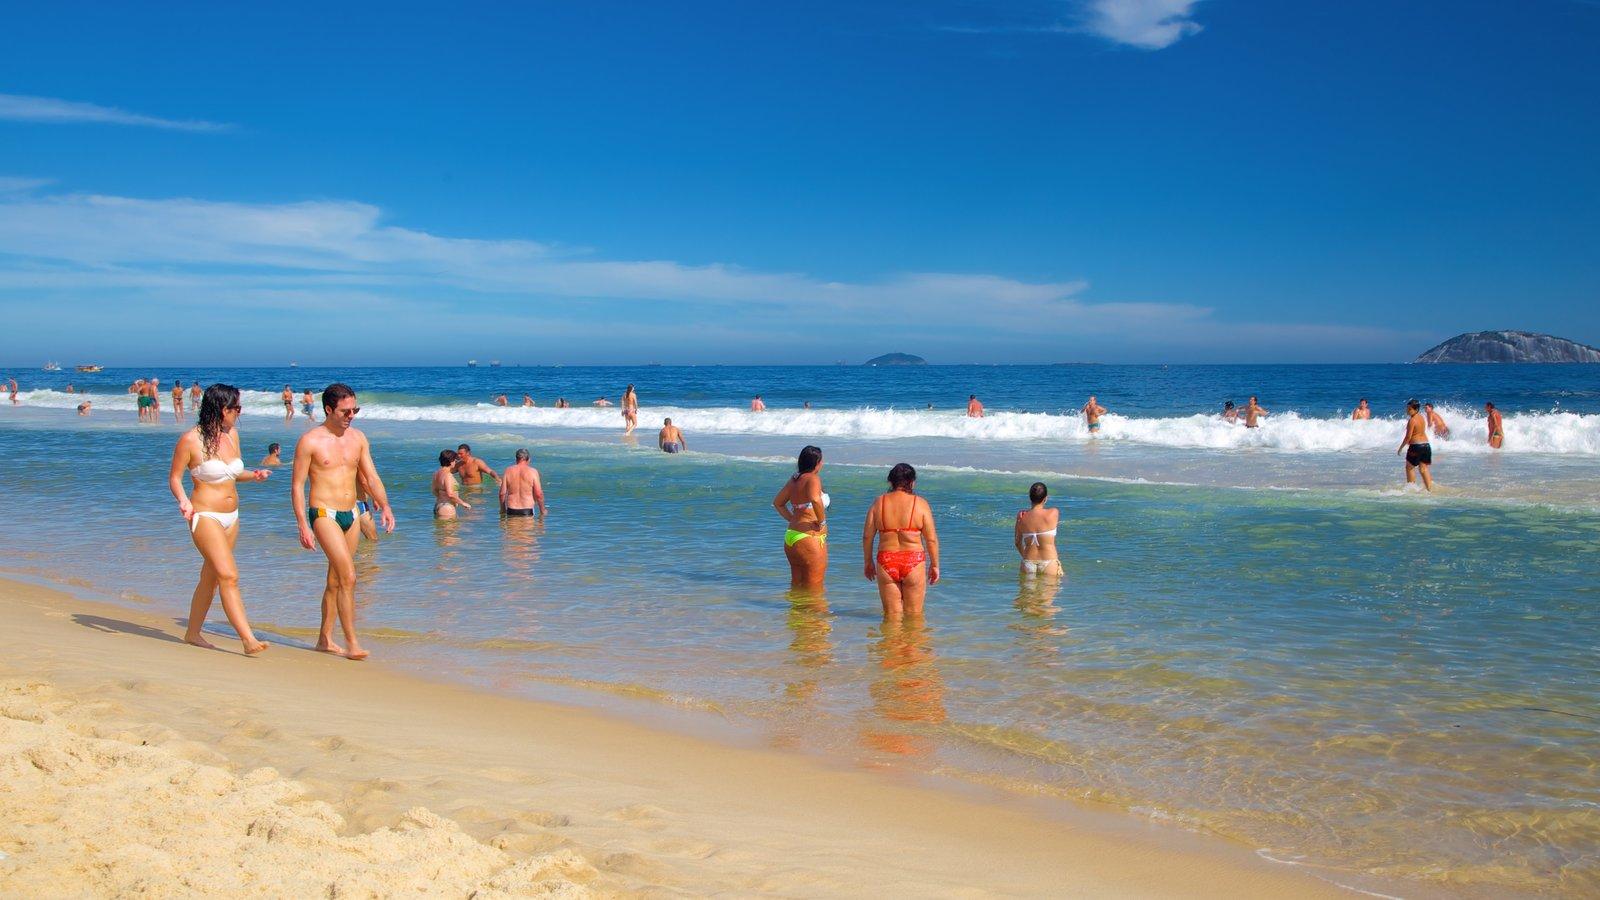 Praia de Ipanema que inclui uma praia assim como um pequeno grupo de pessoas